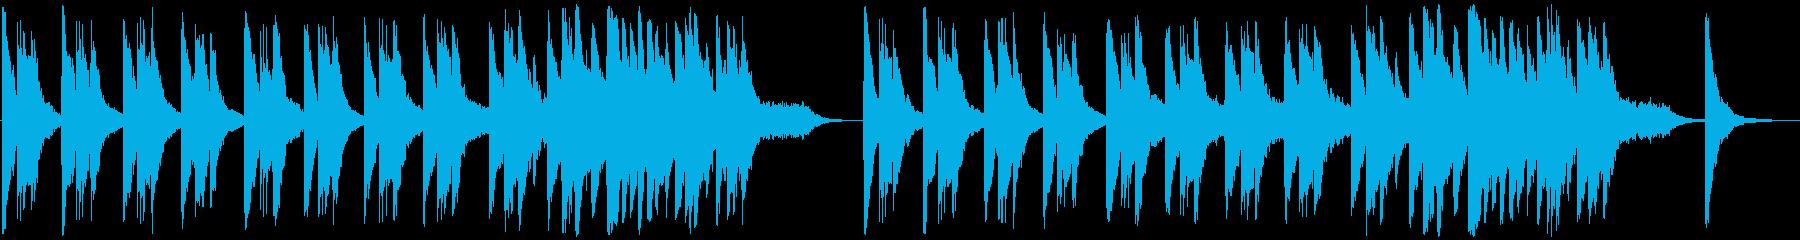 アンビエント 感情的 バラード ピアノの再生済みの波形